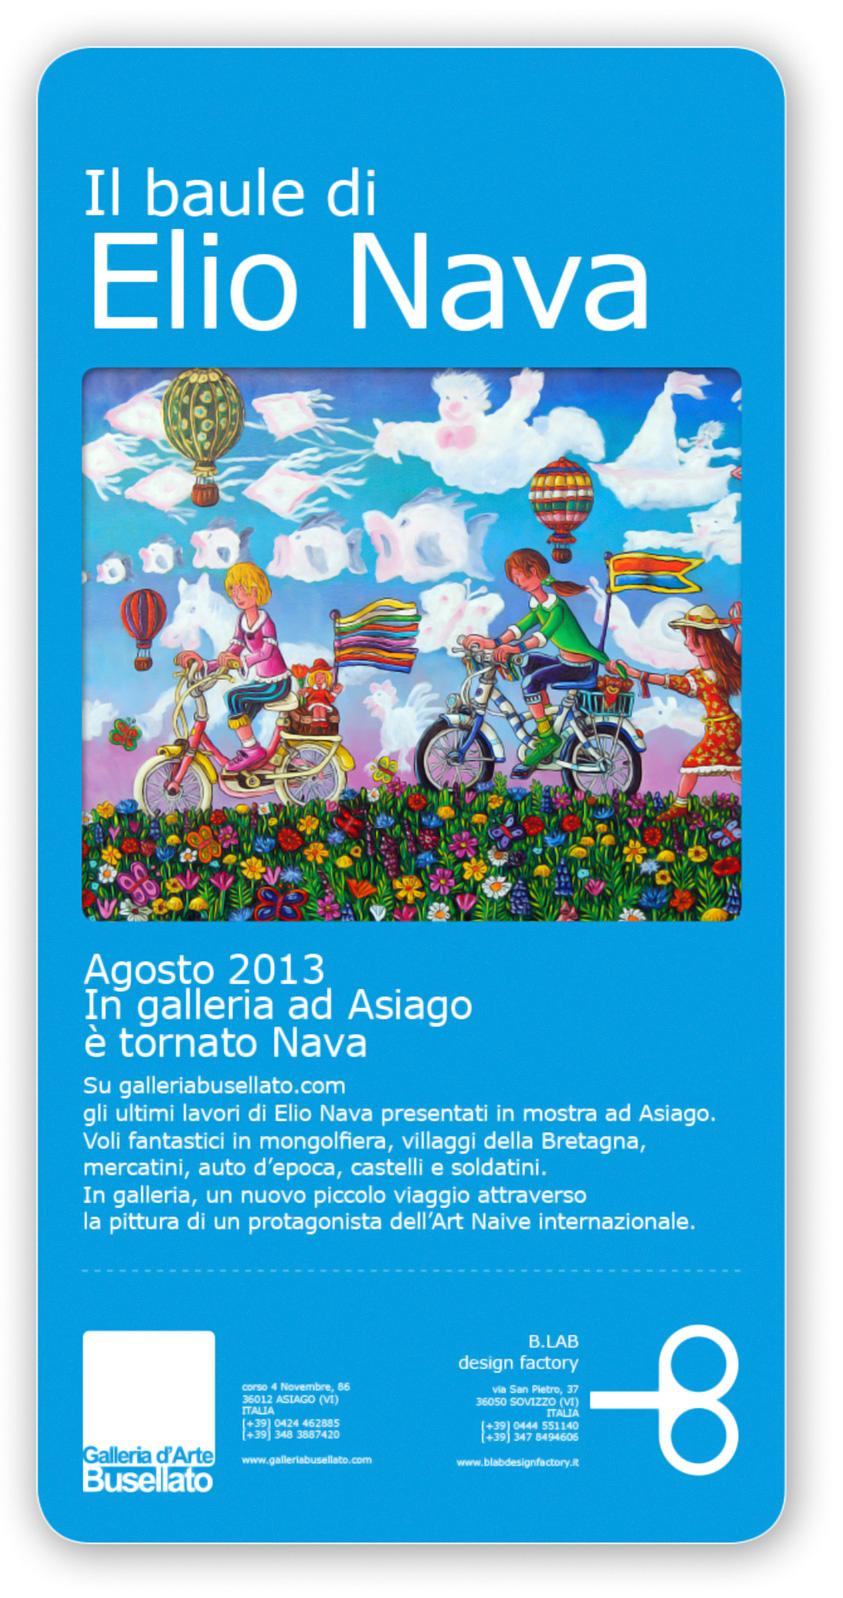 Mostra d 39 arte il baule di elio nava ad asiago dal 7 agosto for Baite ad asiago